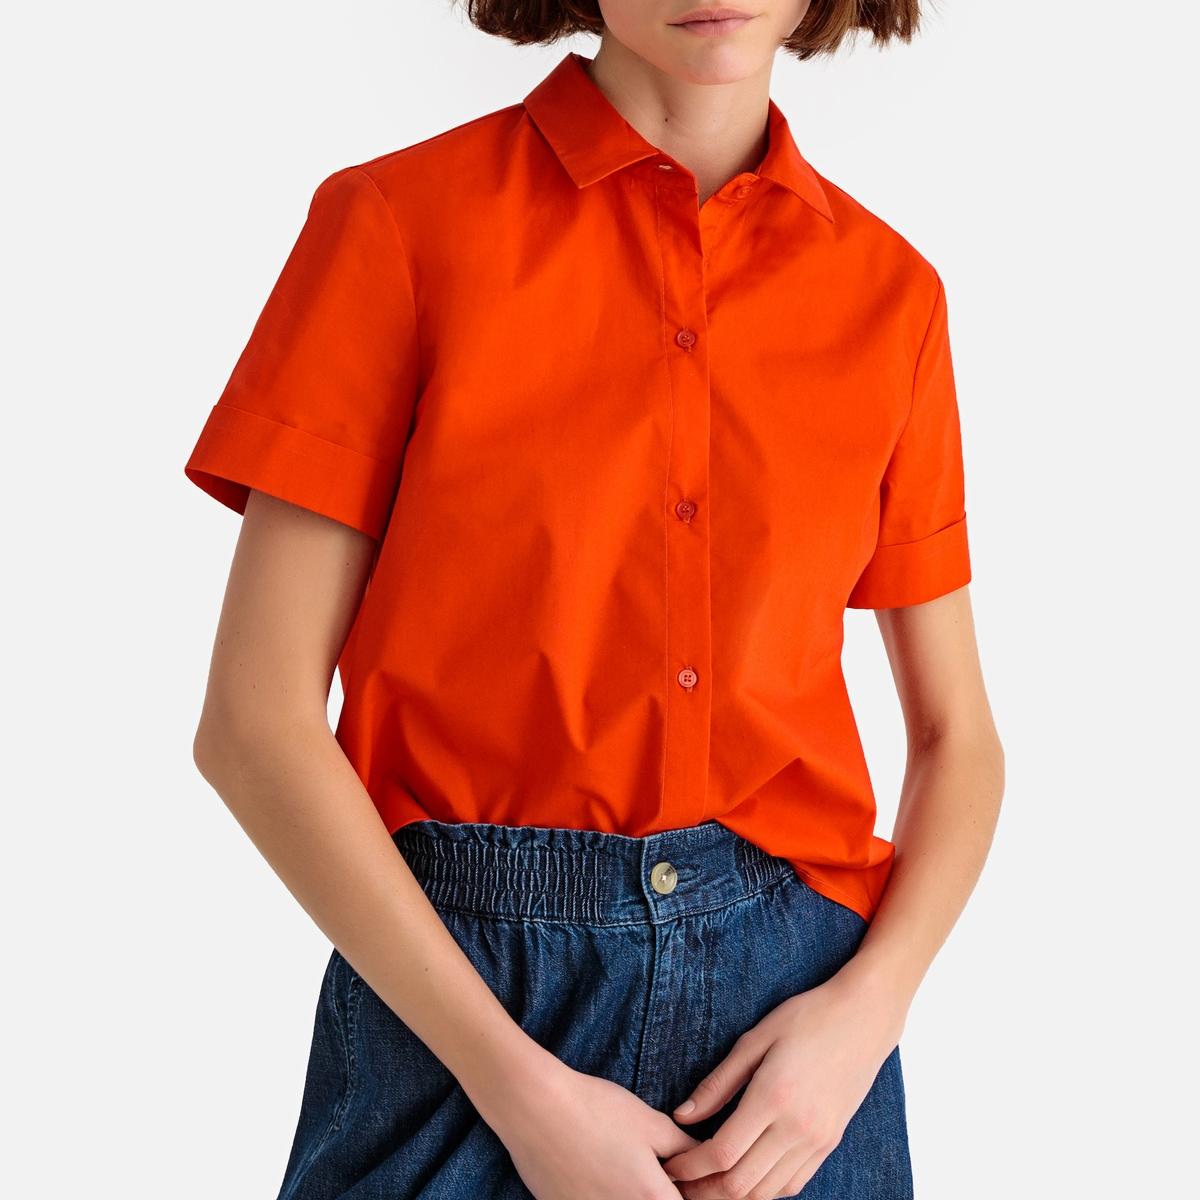 купить Рубашка La Redoute С короткими рукавами 36 (FR) - 42 (RUS) красный по цене 1049 рублей